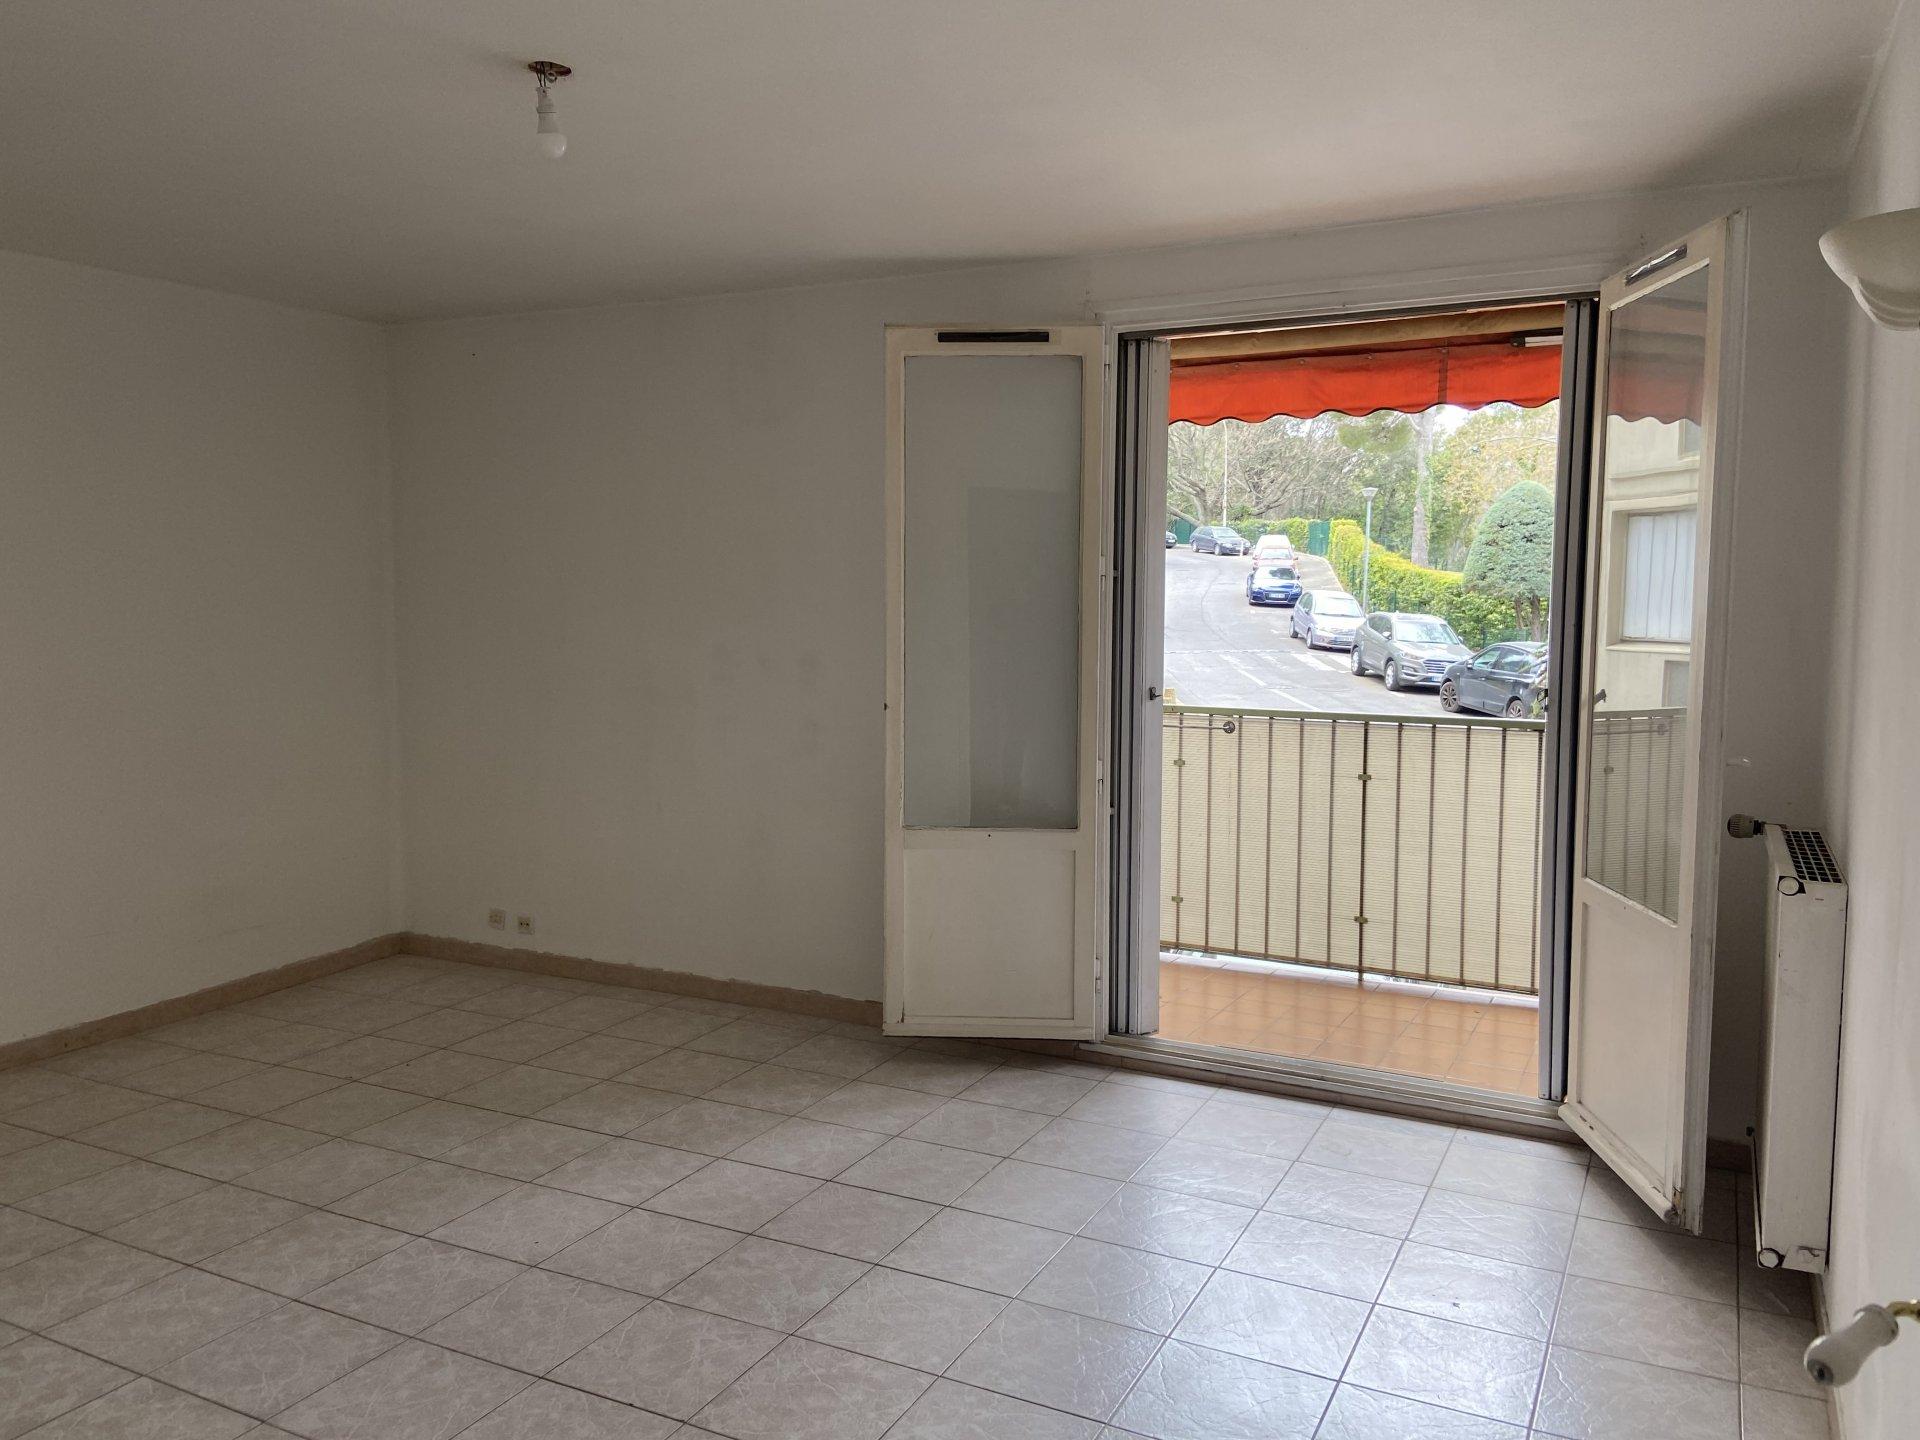 Appartement T3 13010 Marseille